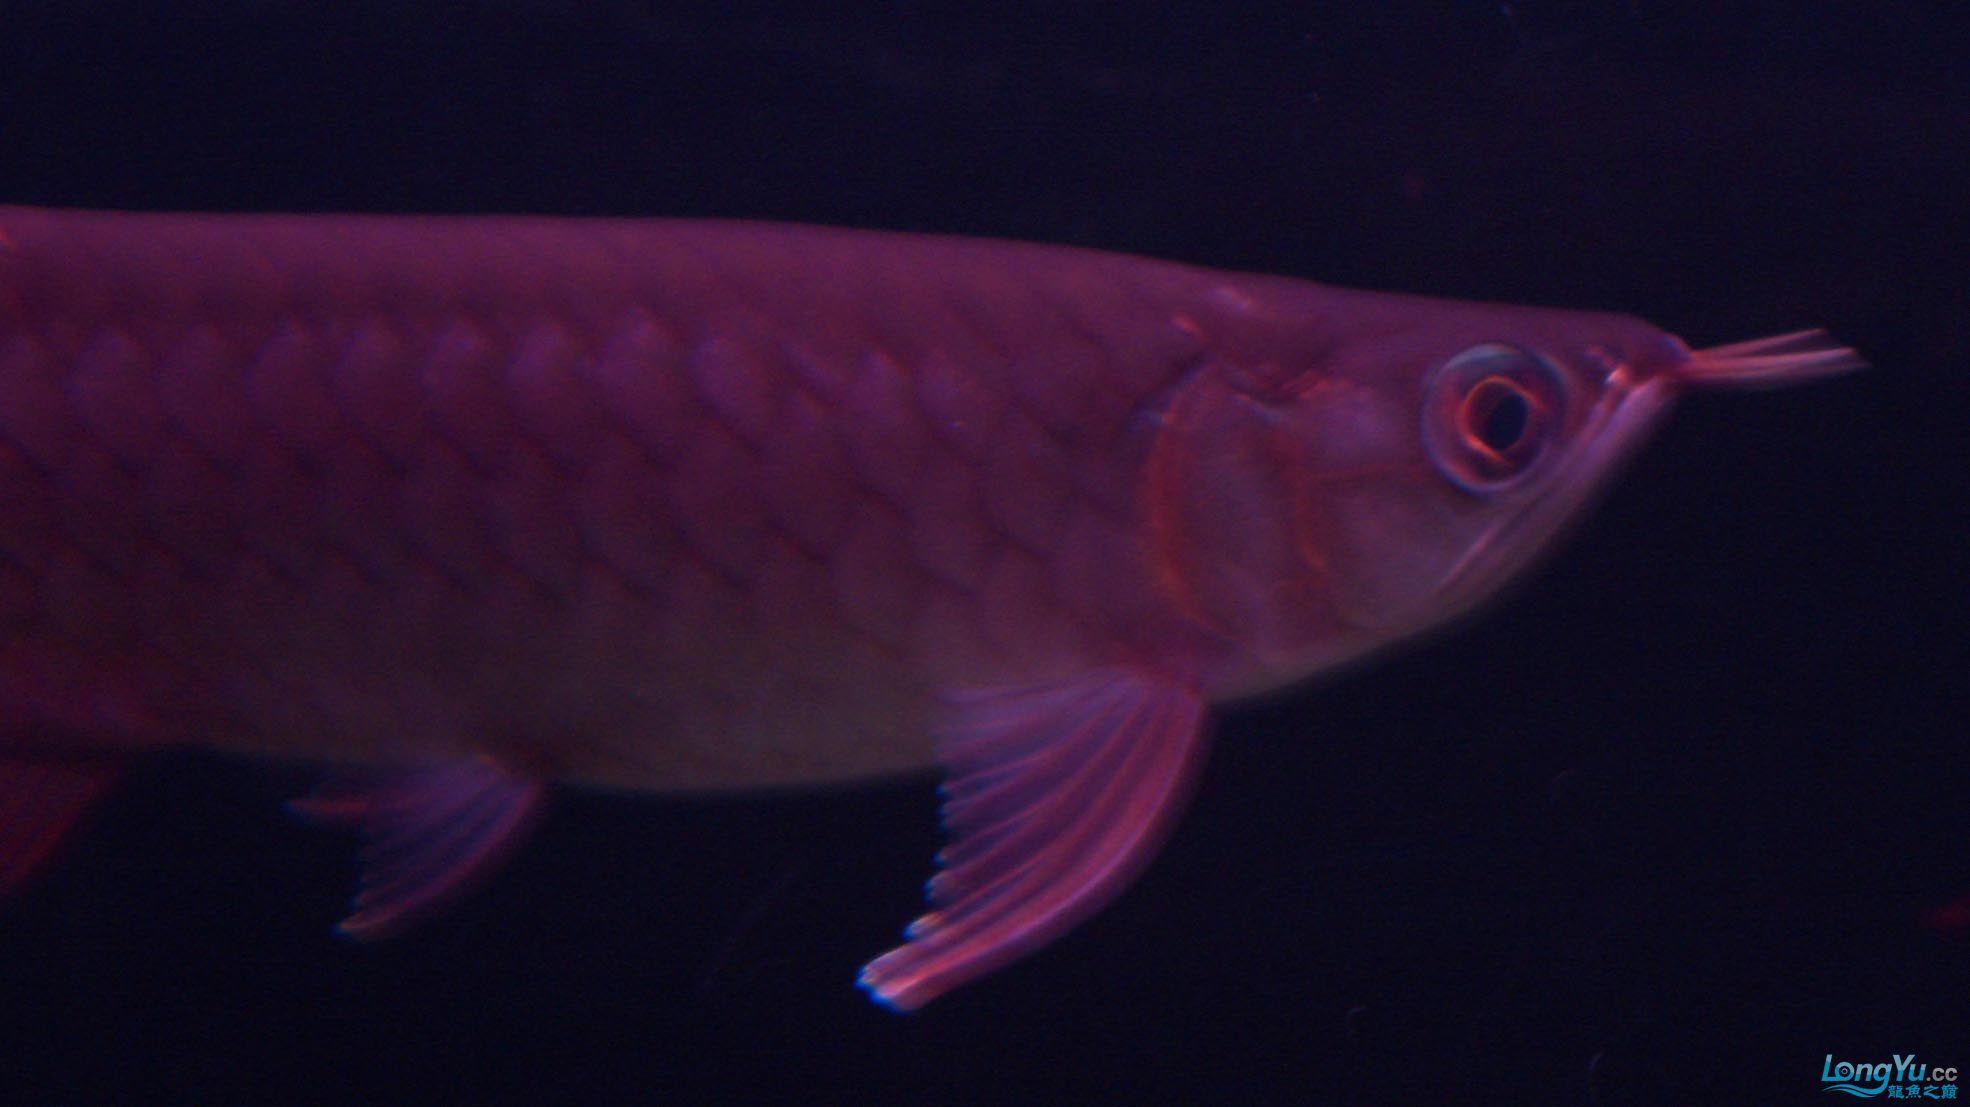 给15公分长须小超血建个档(5月7日更新——女皇大帆】23cm) 西安观赏鱼信息 西安博特第11张